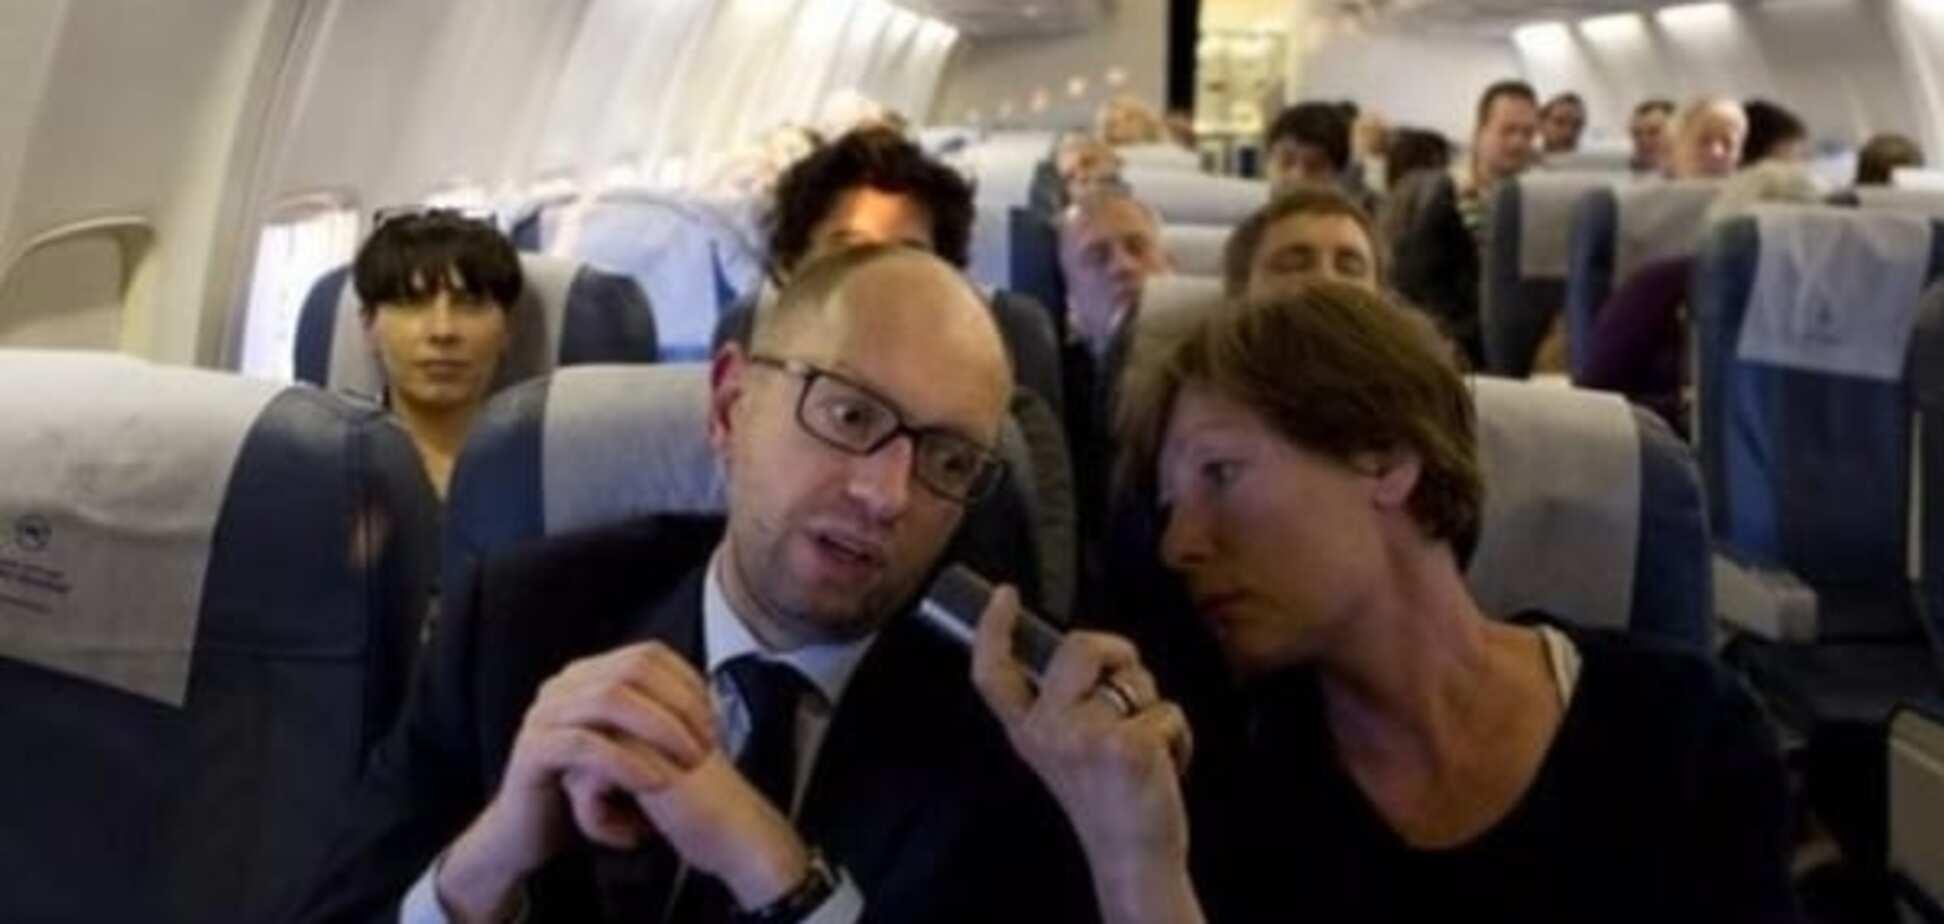 Економ-клас для народних очей: ЗМІ знайшли розкішний літак, на якому насправді літає Яценюк